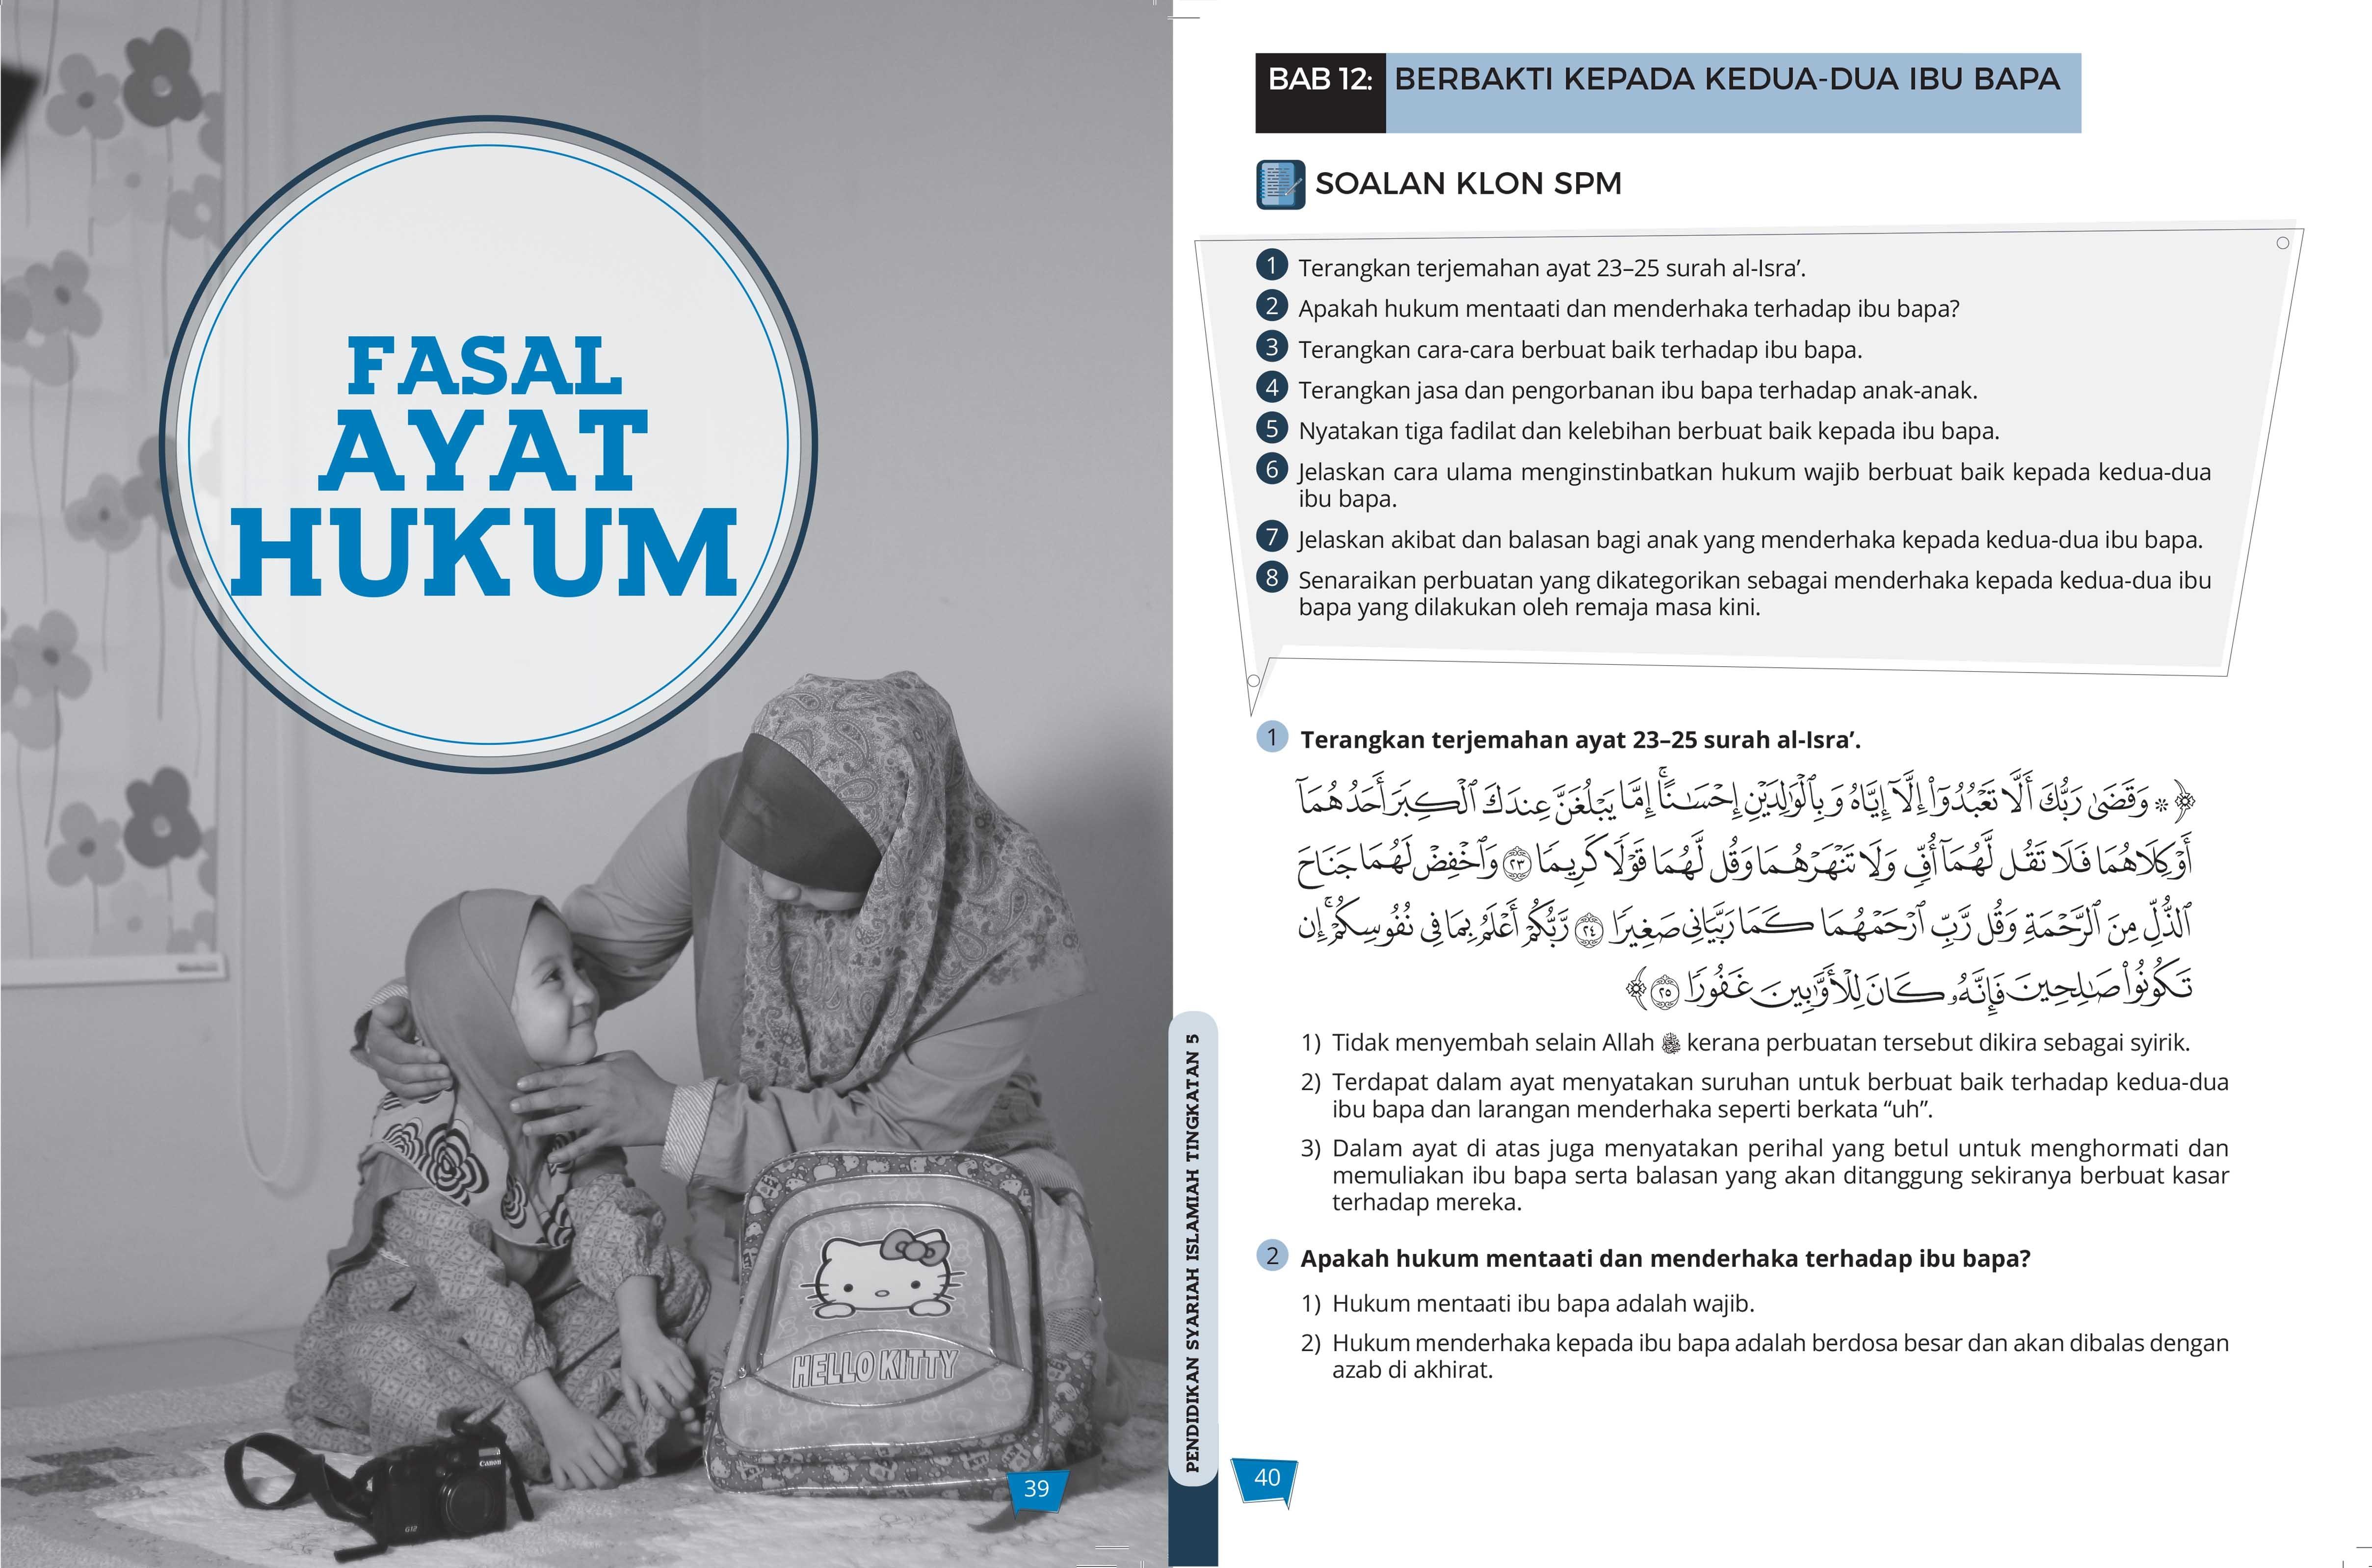 Rpt Pendidikan Syariah islamiah Tingkatan 5 Power Telaga Biru Sdn Bhd Buku Pendidikan Syariah islamiah Tingkatan 5 Of Dapatkan Rpt Pendidikan Syariah islamiah Tingkatan 5 Yang Hebat Khas Untuk Para Guru Muat Turun!